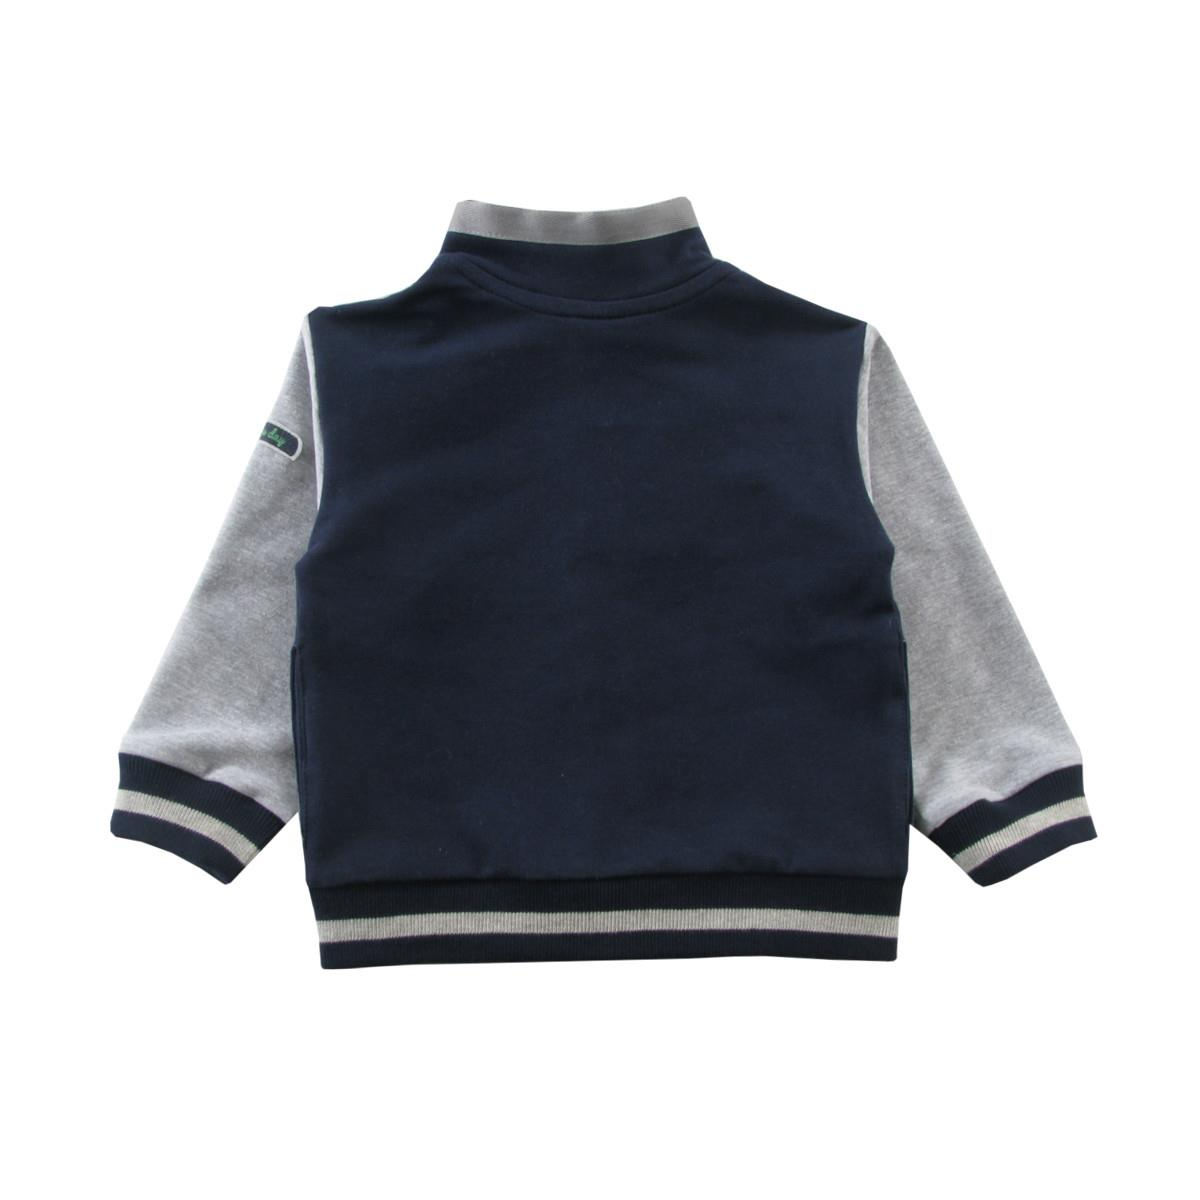 bb1983516722e WÓJCIK Bluza dresowa chłopięca-224713 WÓJCIK Bluza dresowa chłopięca-224714